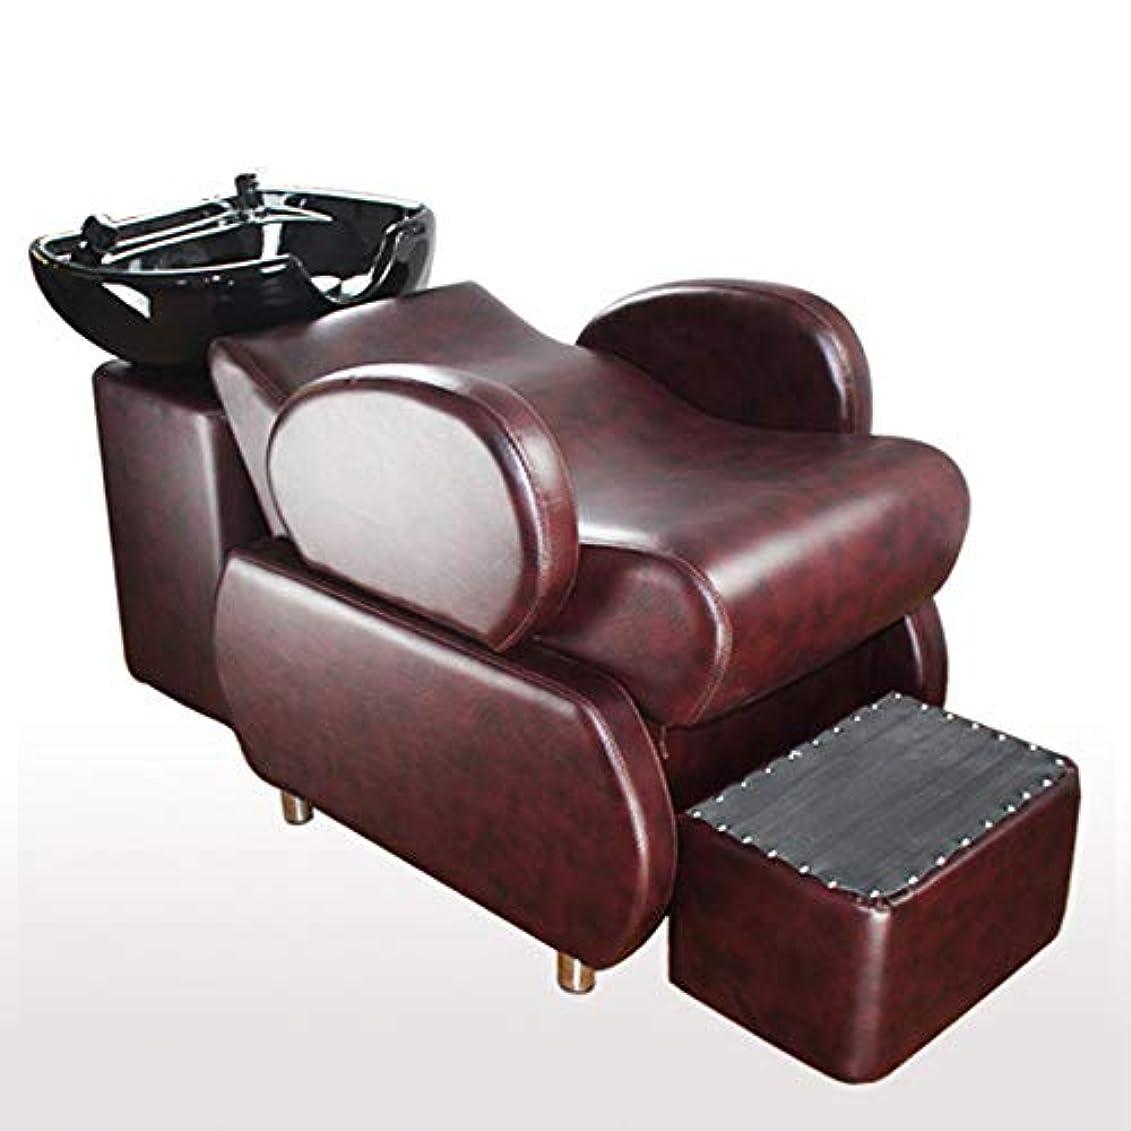 夢フローティング安心シャンプー椅子、逆洗ユニットシャンプーボウル理髪シンク椅子半横たわっているシャンプーベッドスパ美容院機器